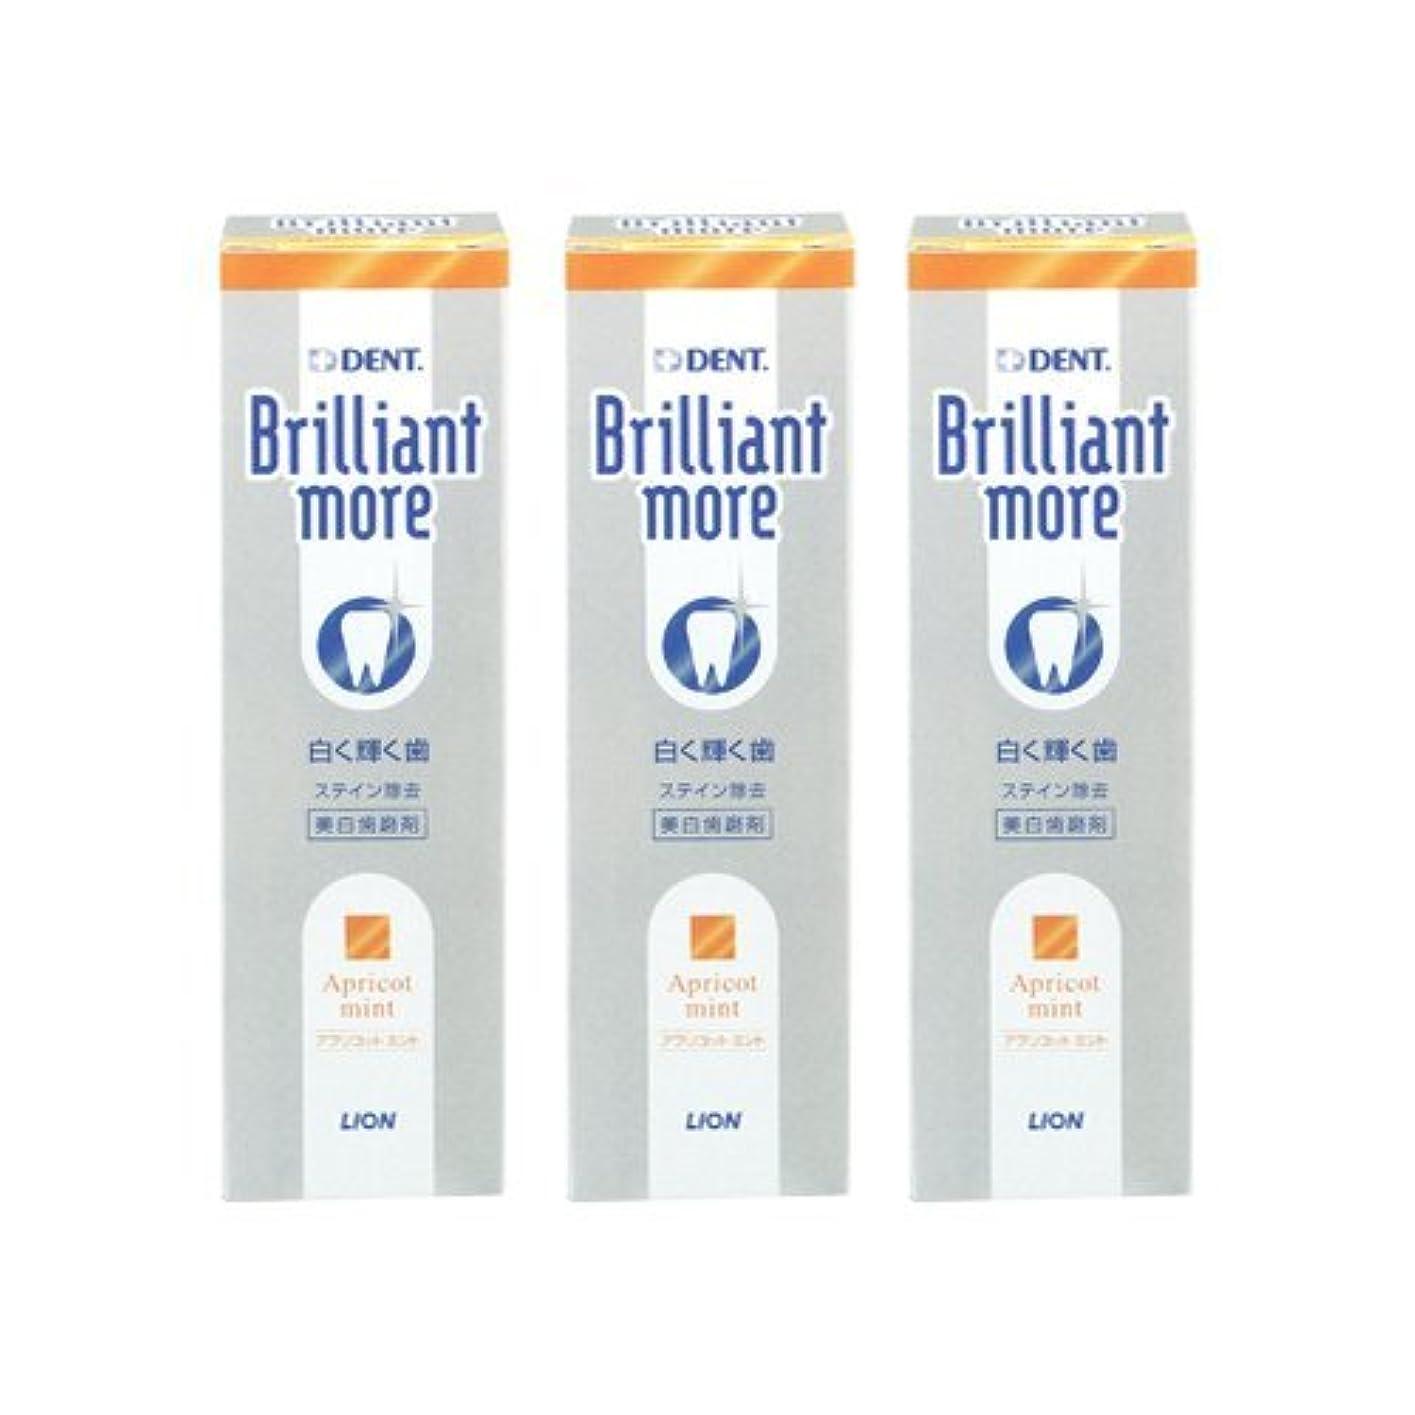 既にバーベキューカウンタライオン ブリリアントモア アプリコットミント 3本セット 美白歯磨剤 LION Brilliant more